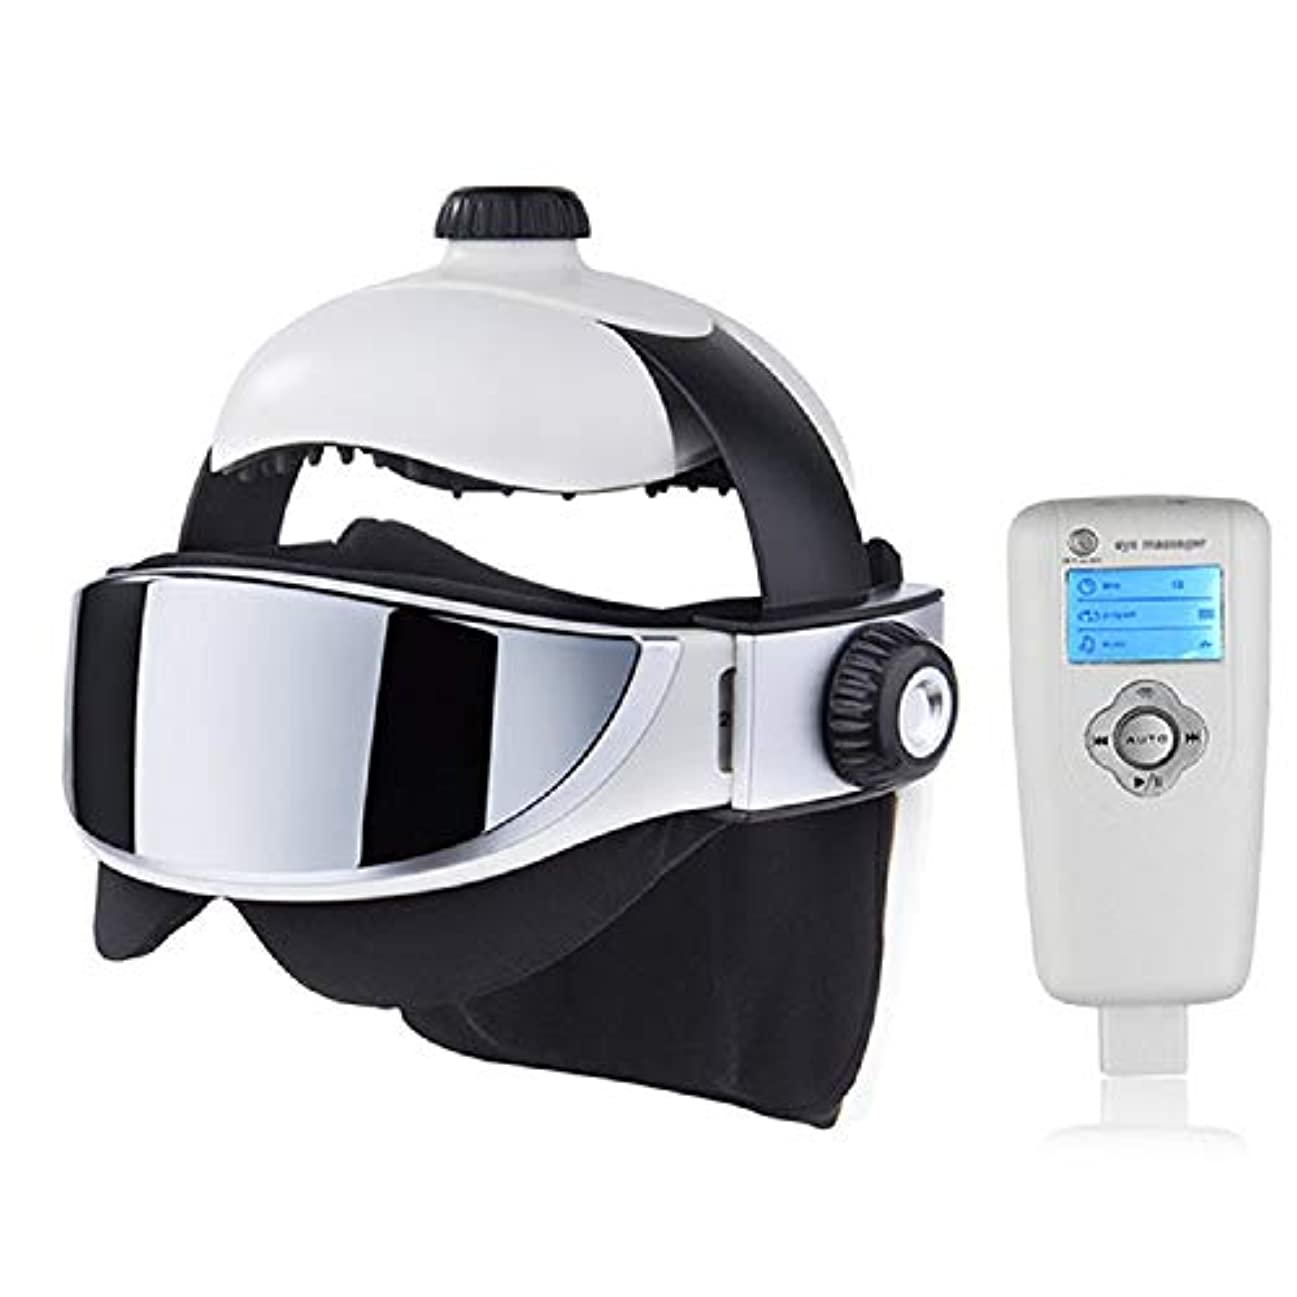 聴覚薄汚いランタンMeet now 高度な圧子2イン1ヘッドマッサージ、アイマッサージ、高度な音楽マッサージヘルメットデザイン 品質保証